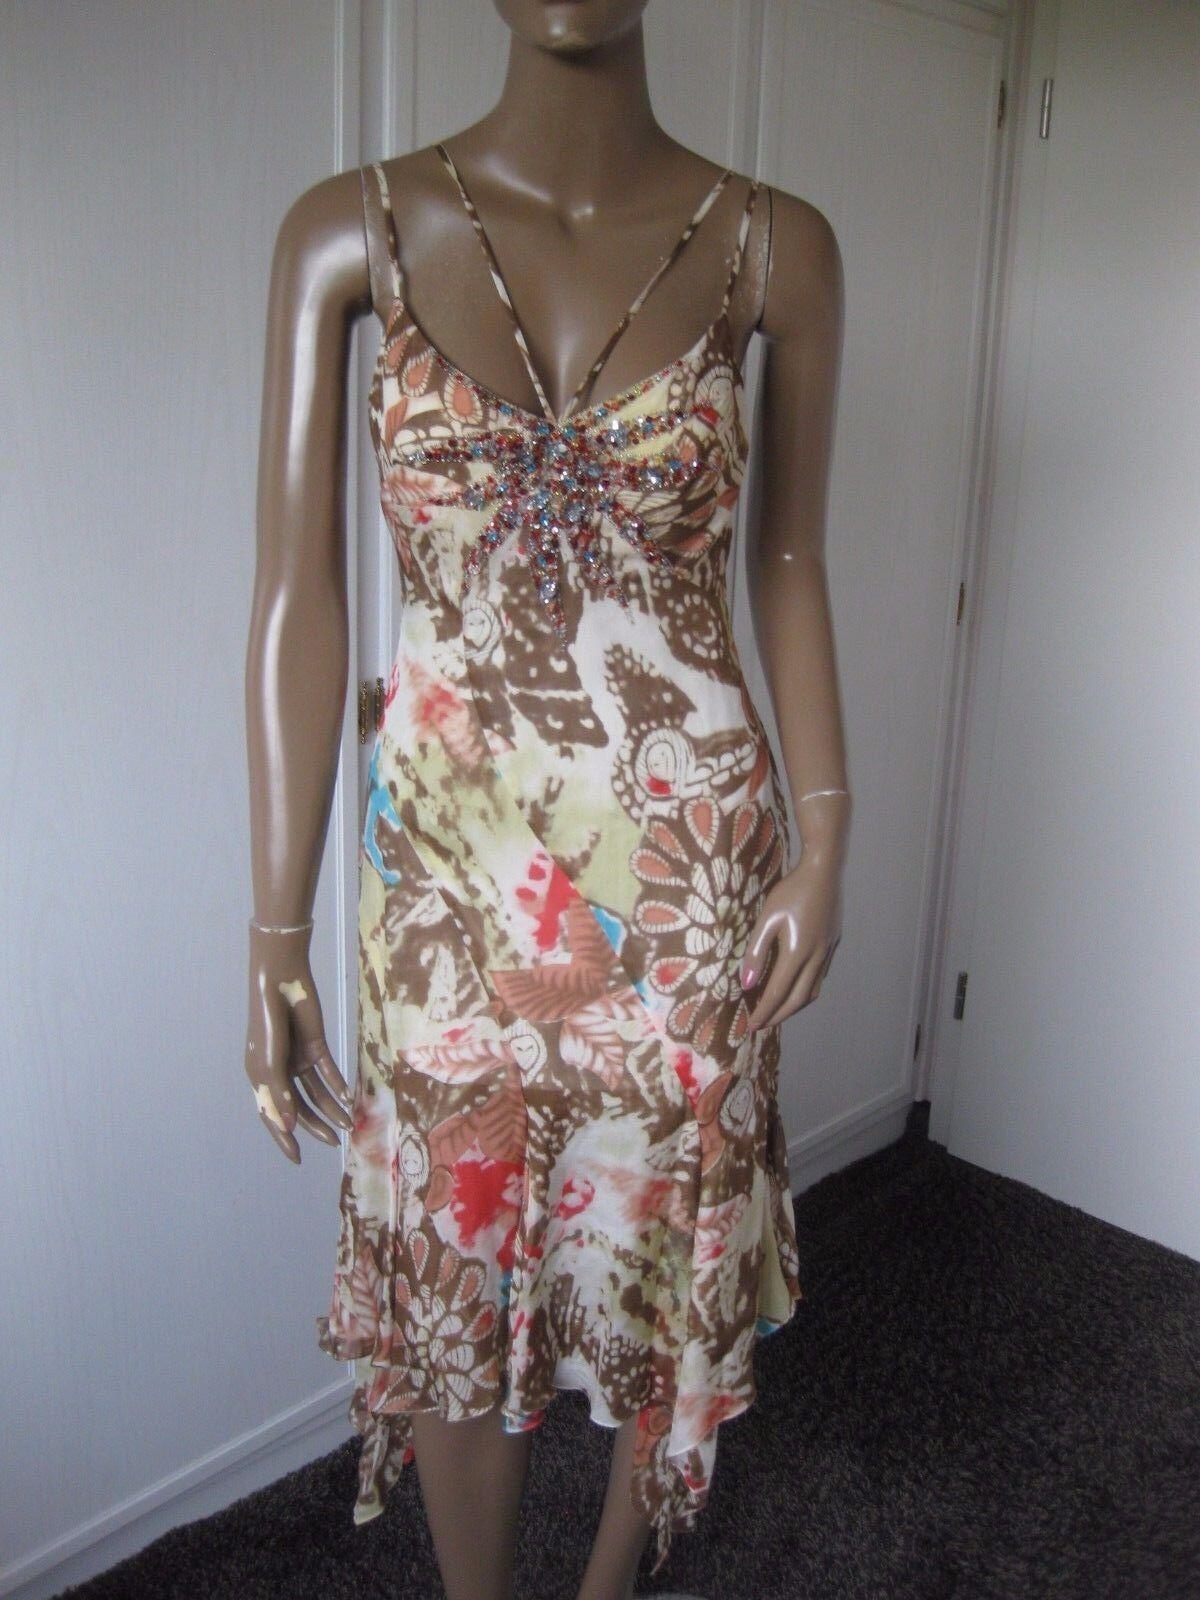 Mooire zauberhaftes Träger-Kleid   Zipfelkleid Gr.36  100% Seide    NEU